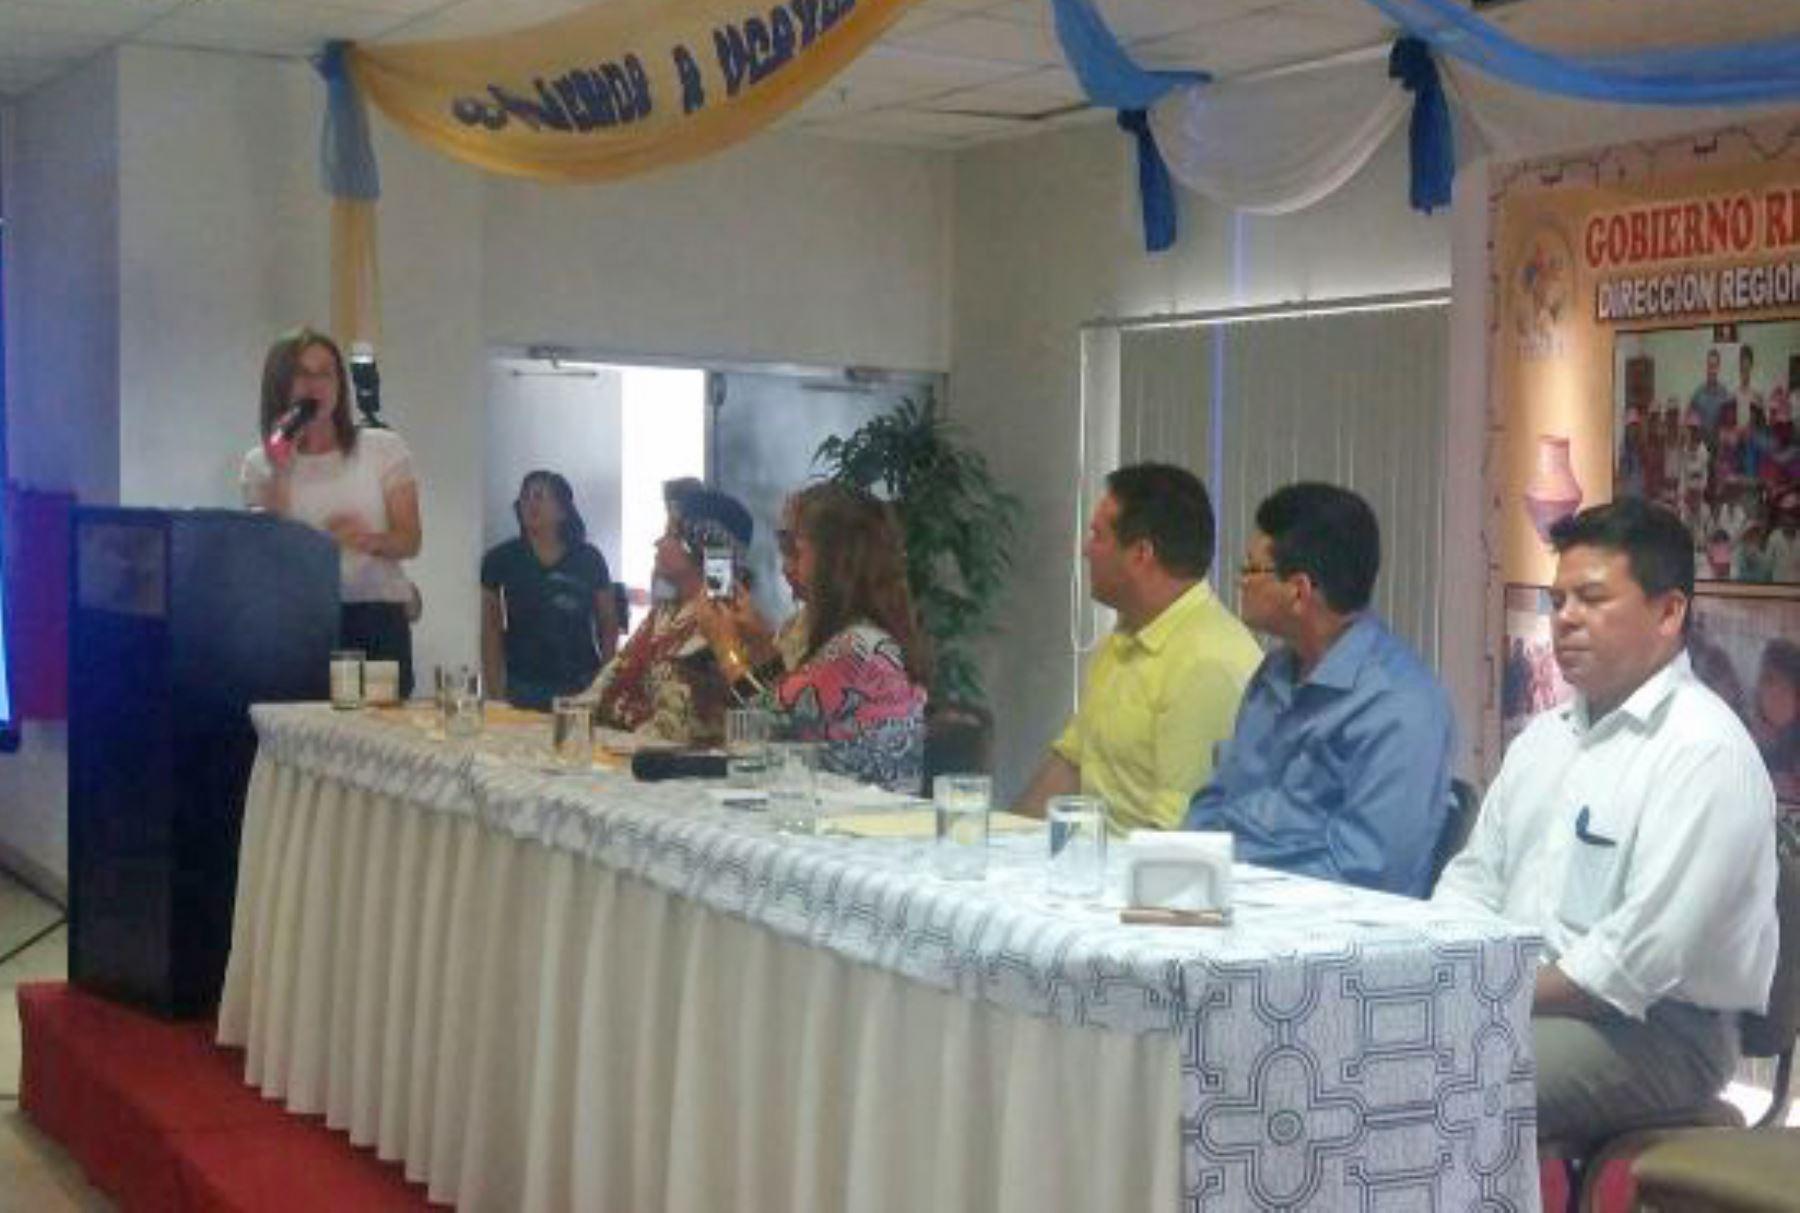 La ministra de Educación, Marilú Martens, presentó hoy en la región Ucayali el Plan Nacional de Educación Intercultural Bilingüe (EIB), documento de gestión que considera todos los componentes y ejes de la política en esta modalidad educativa, y que plantea metas, resultados, estrategias e indicadores de ejecución hasta el 2021.